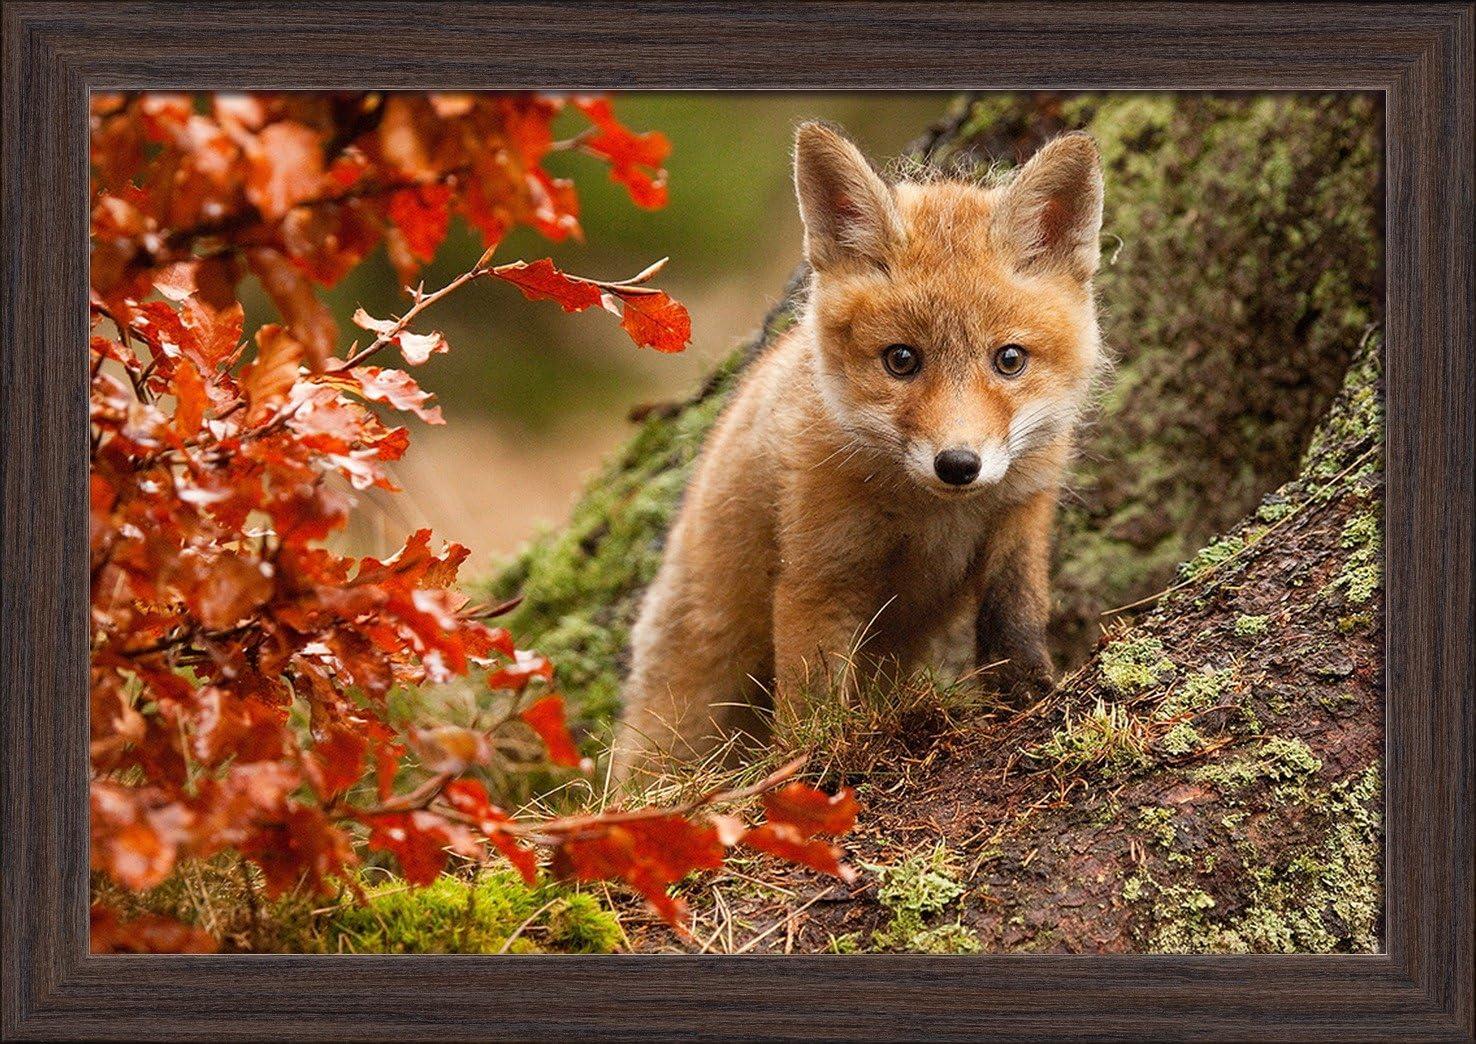 24x16 Giclee Art Print, Gallery Framed, White Wood Baby Fox Kit